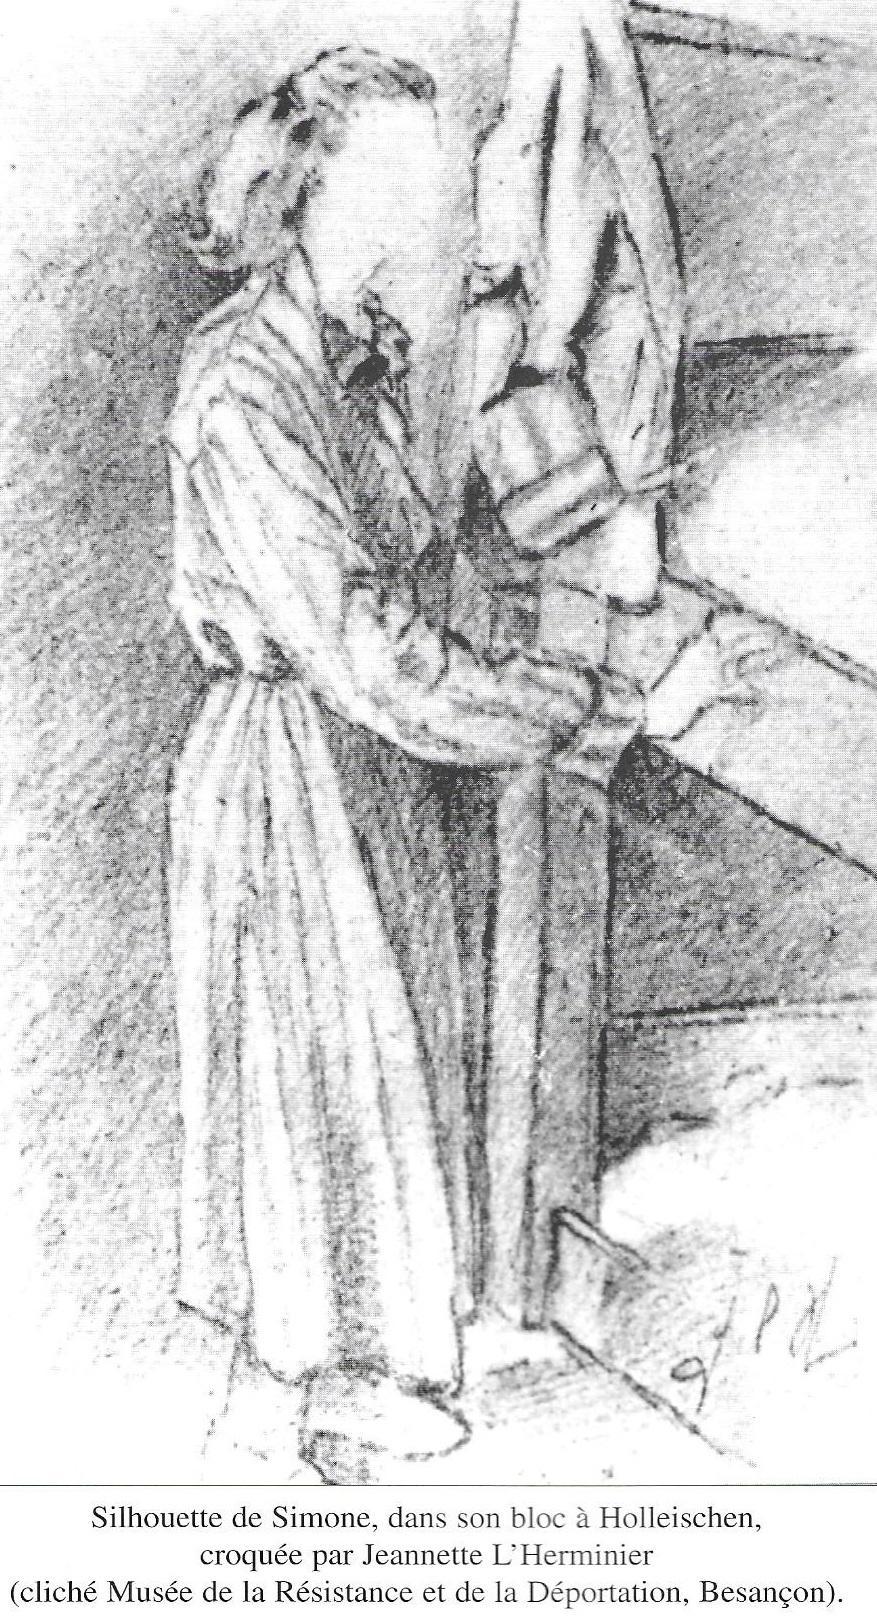 Silhouette de Simone dans son bloc croquée par Jeannette l'Herminier